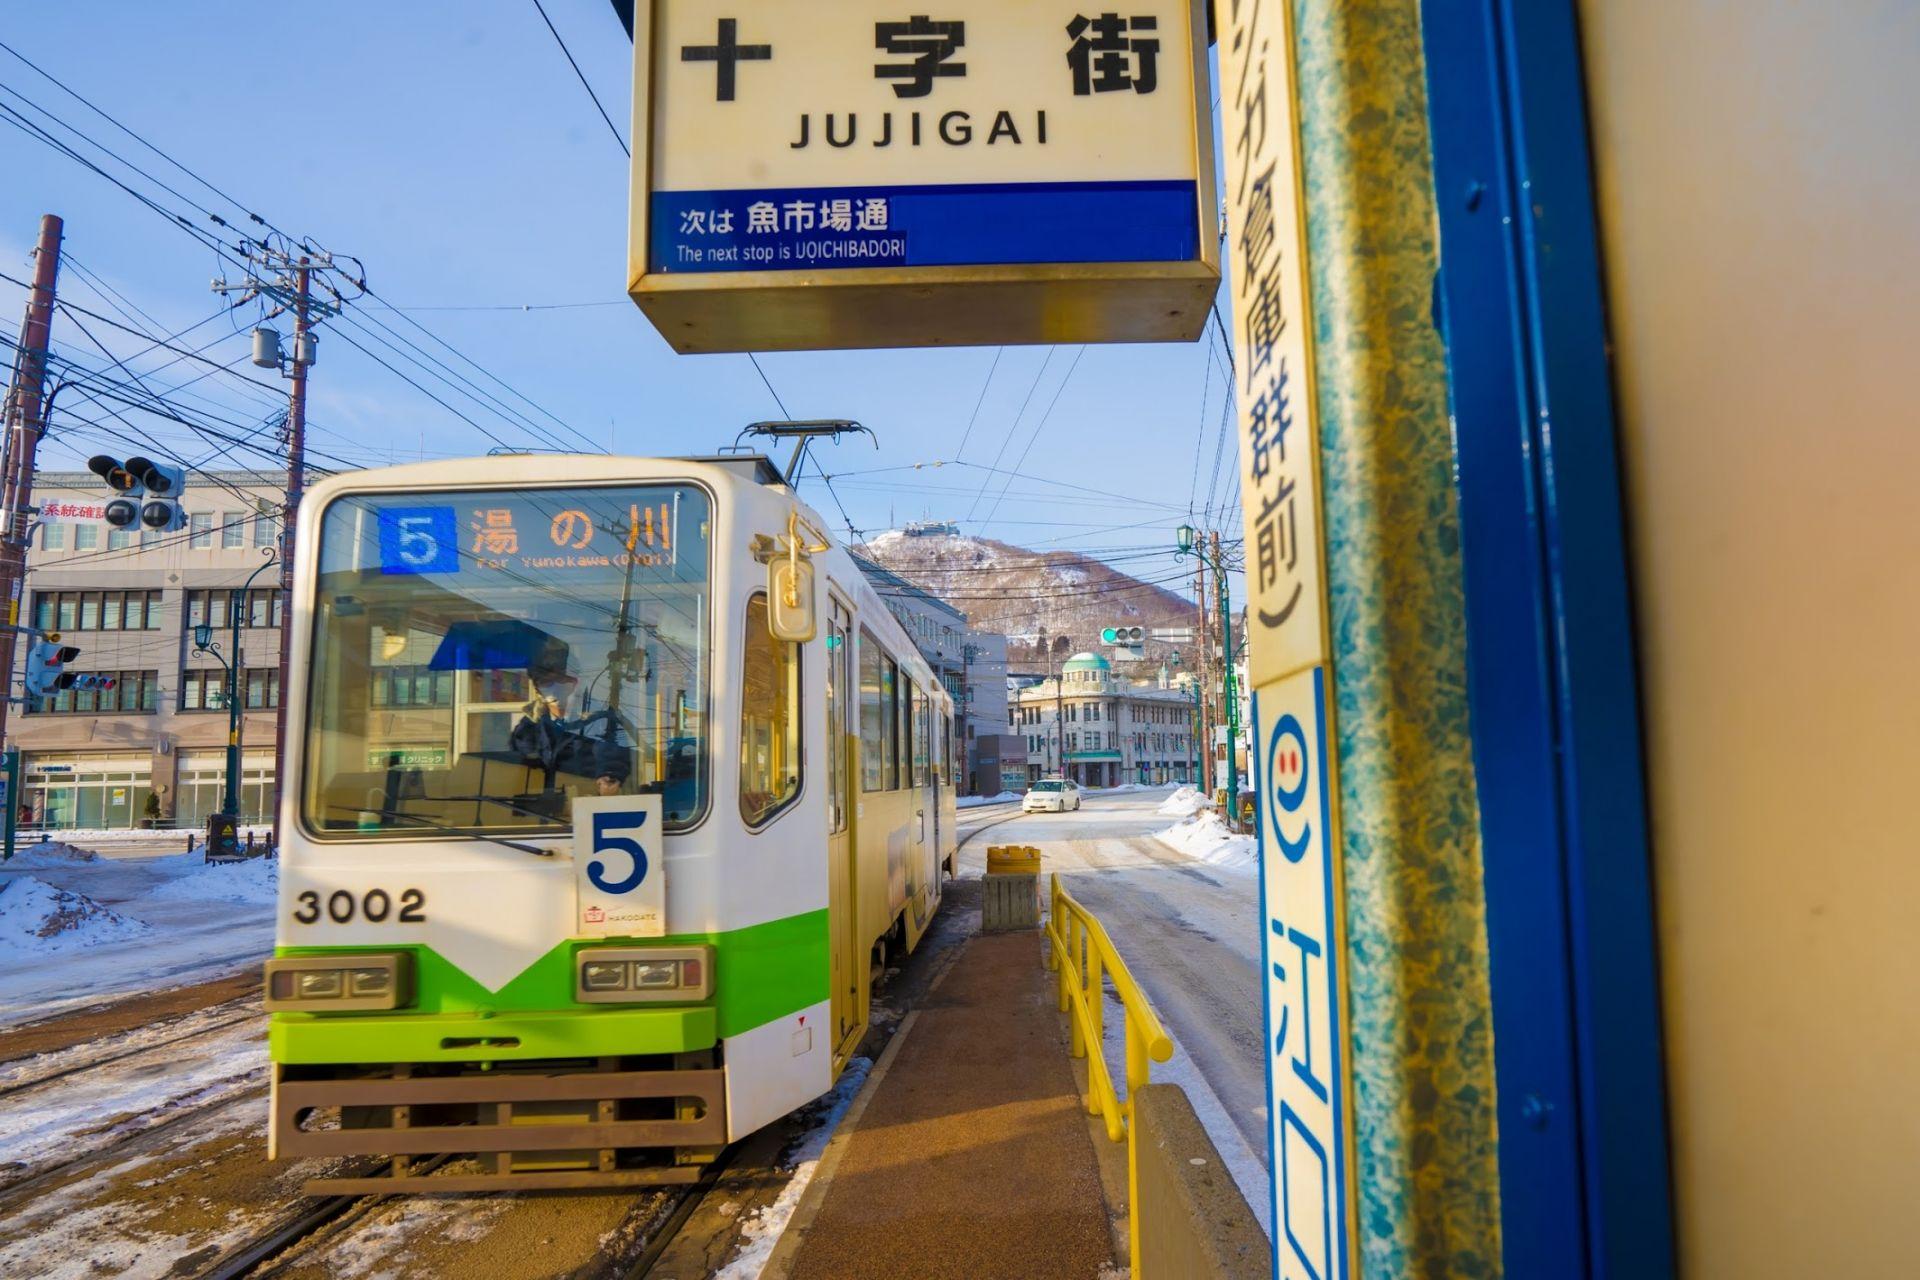 搭乘路面電車「函館市電」前往五稜郭